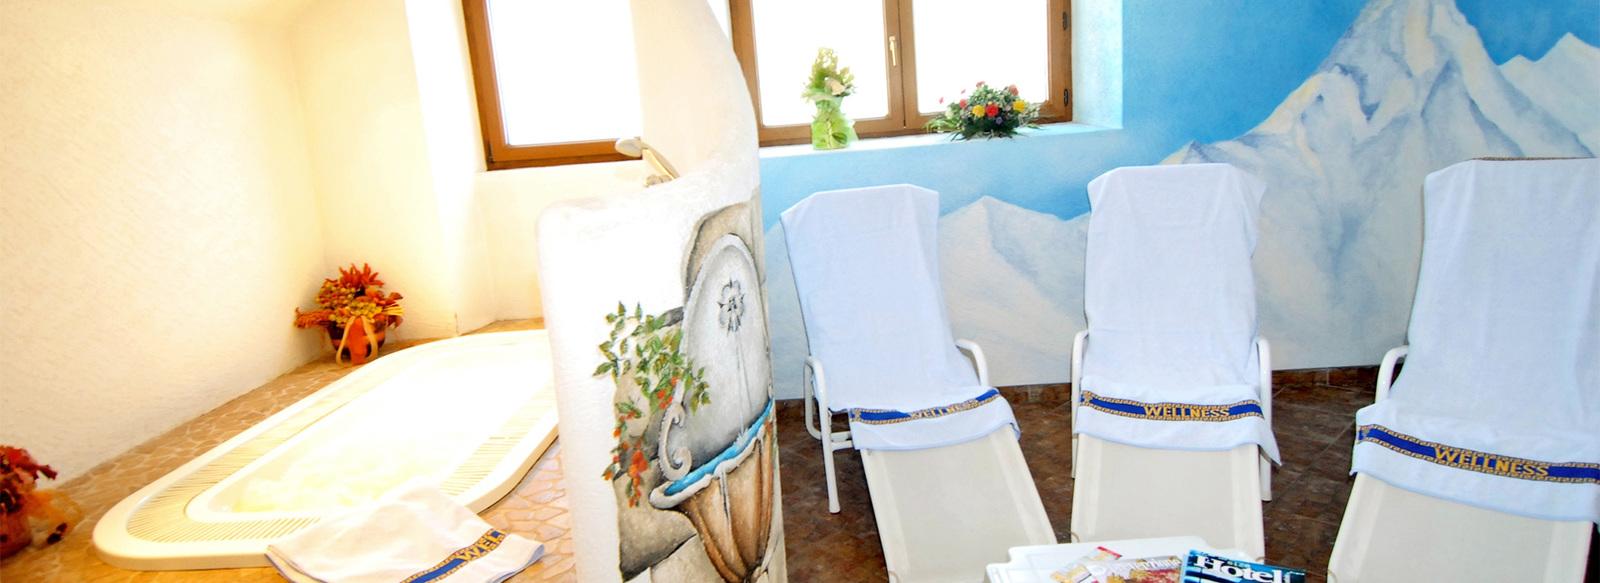 Storico Hotel a gestione famigliare